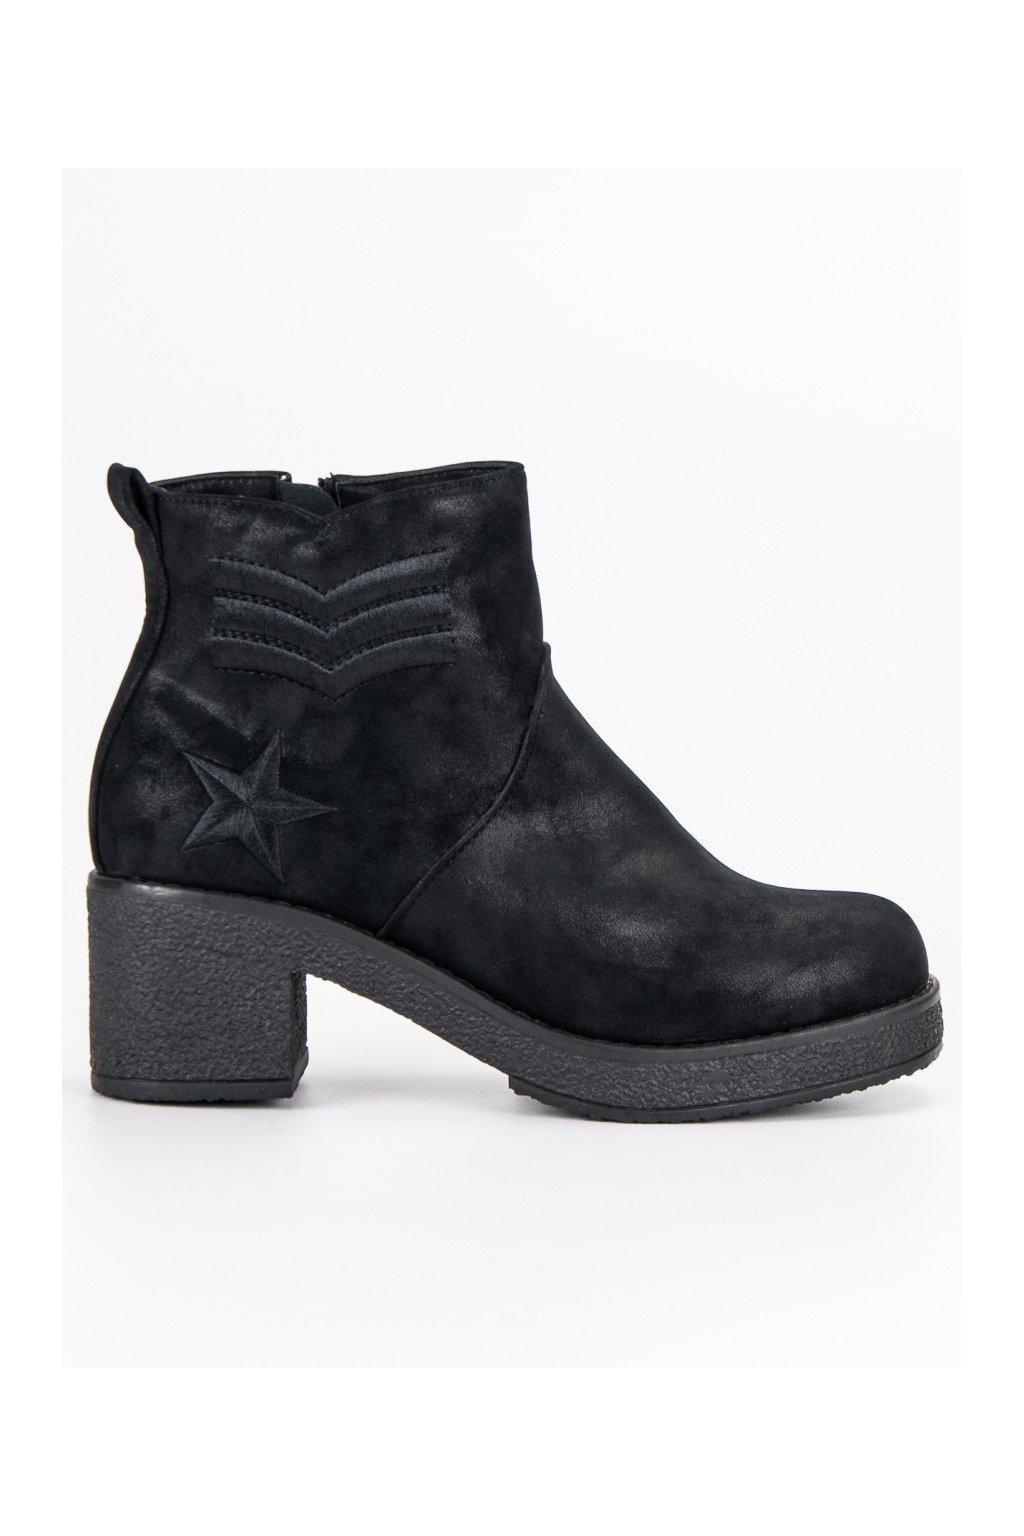 Dámske členkové topánky čierne vojenské čižmy Kylie 5717f0735cf